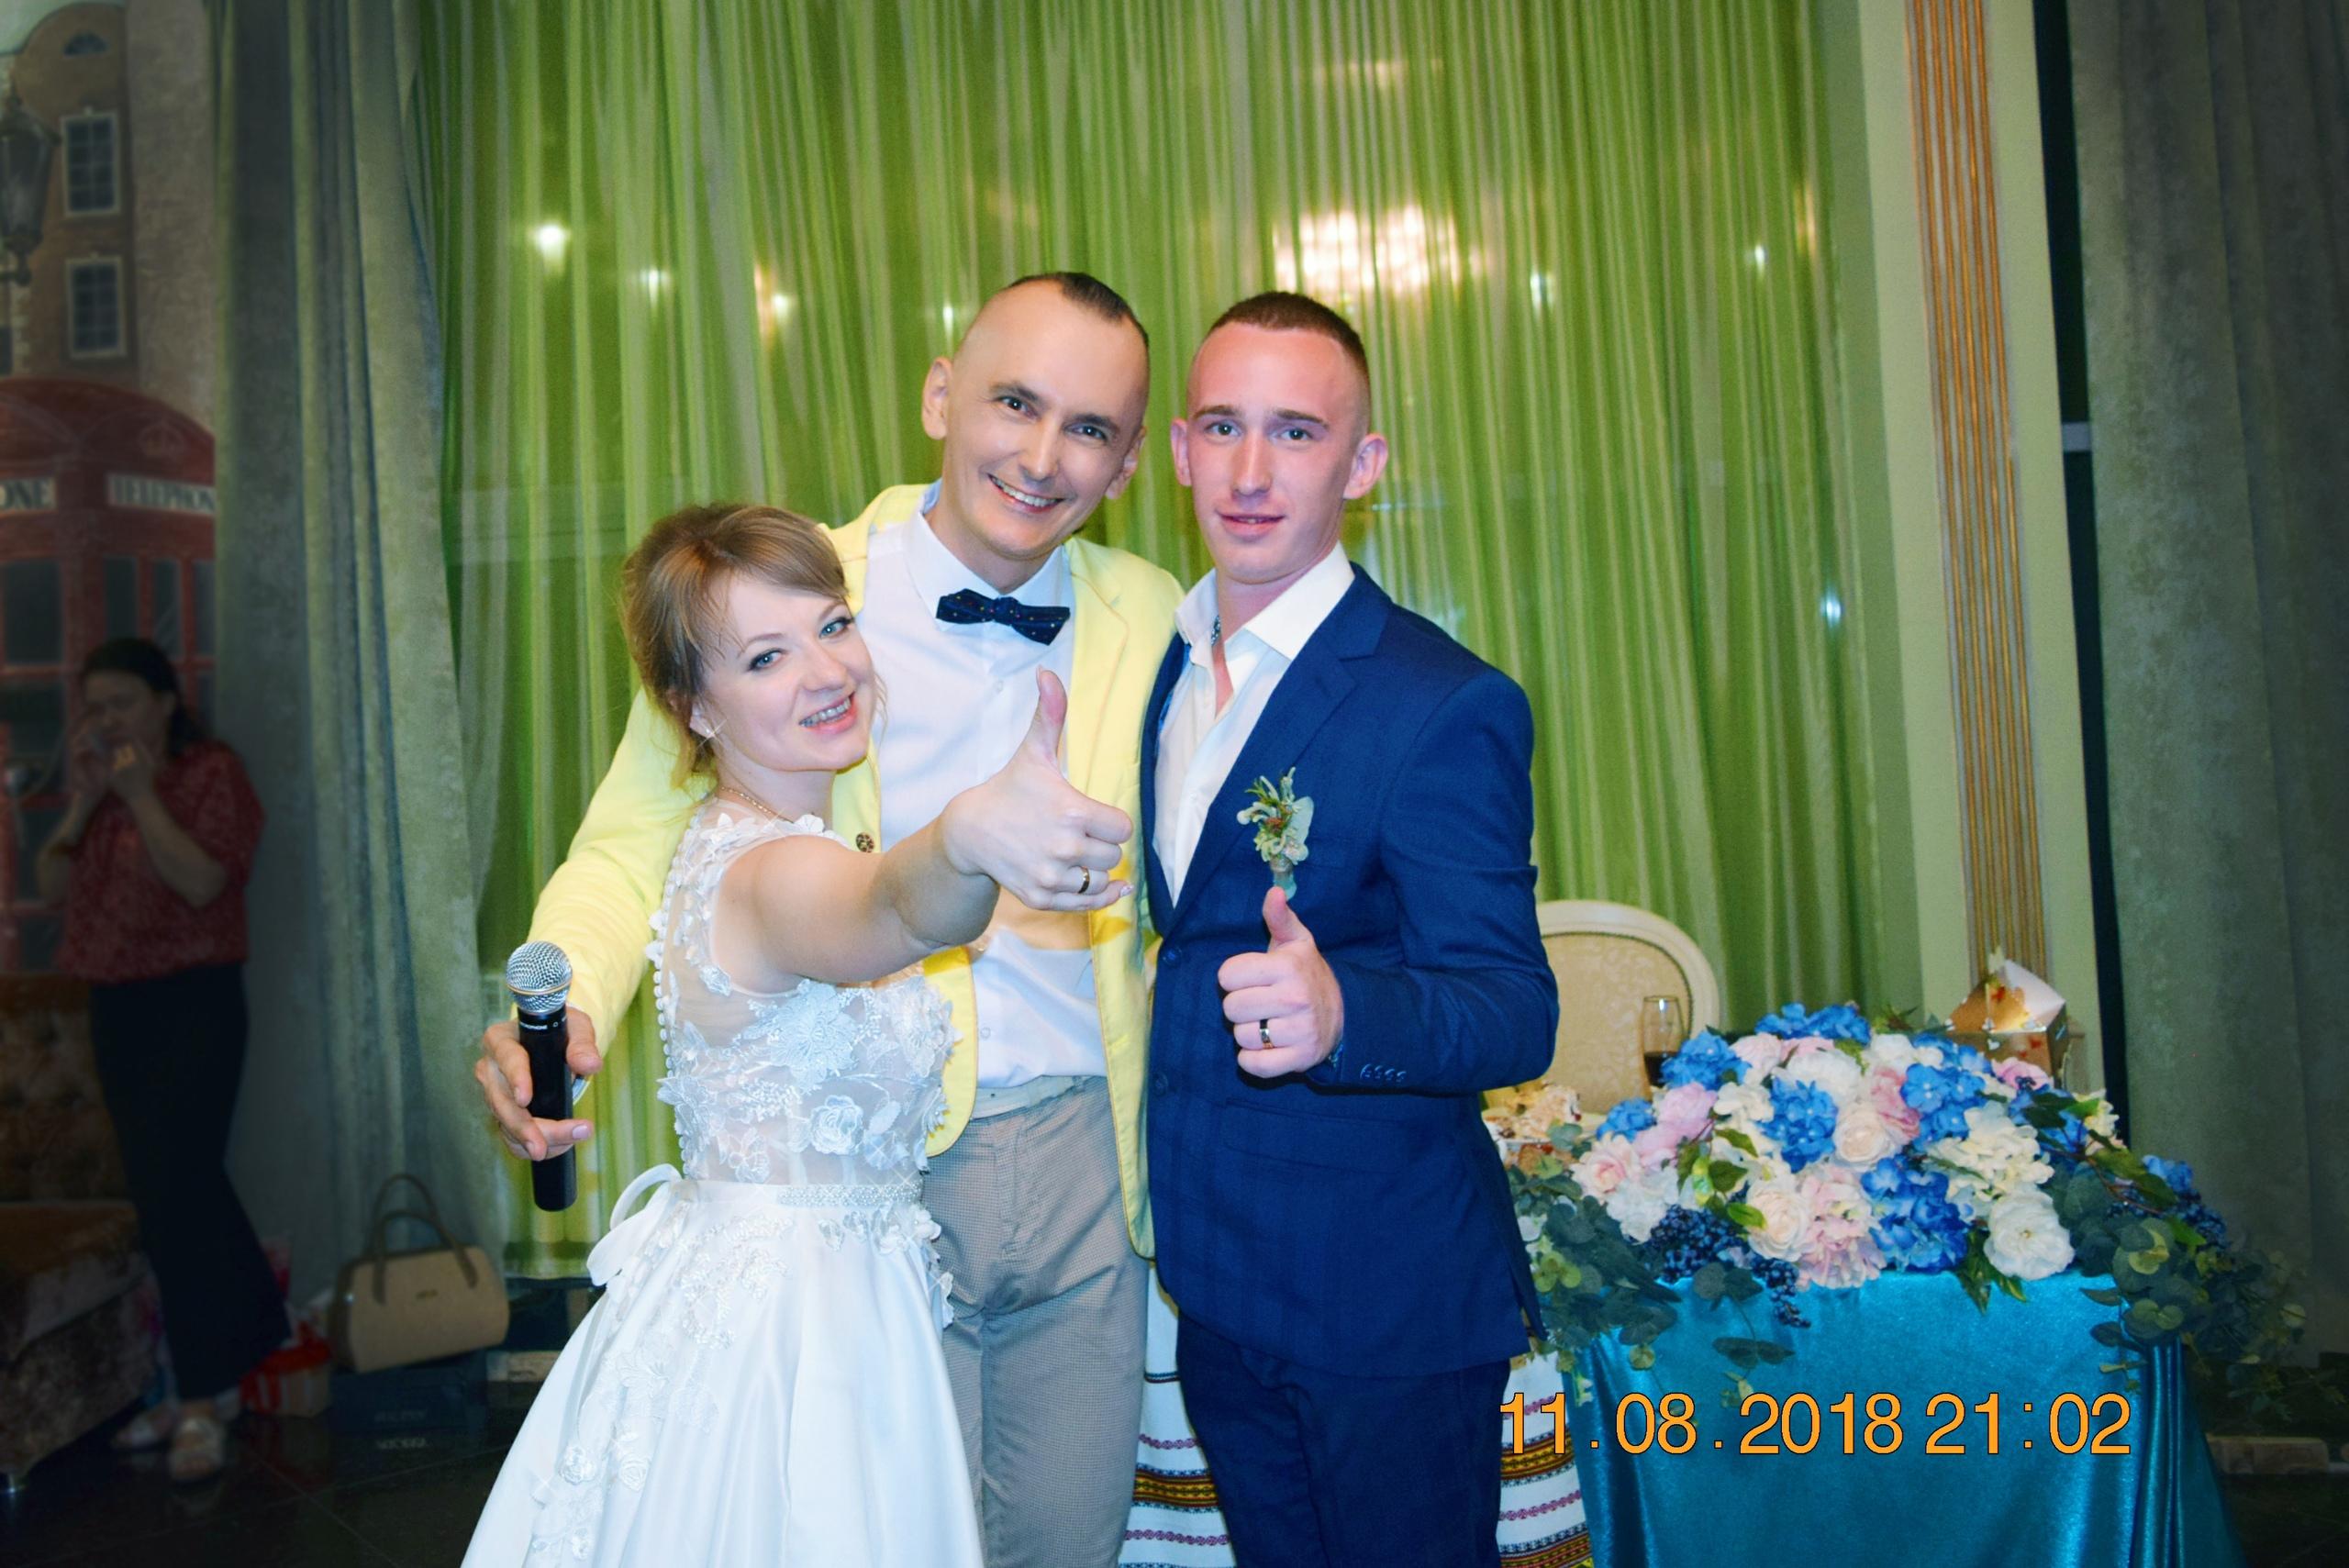 fkp9pQphTHY - Свадьба Дениса и Настасии